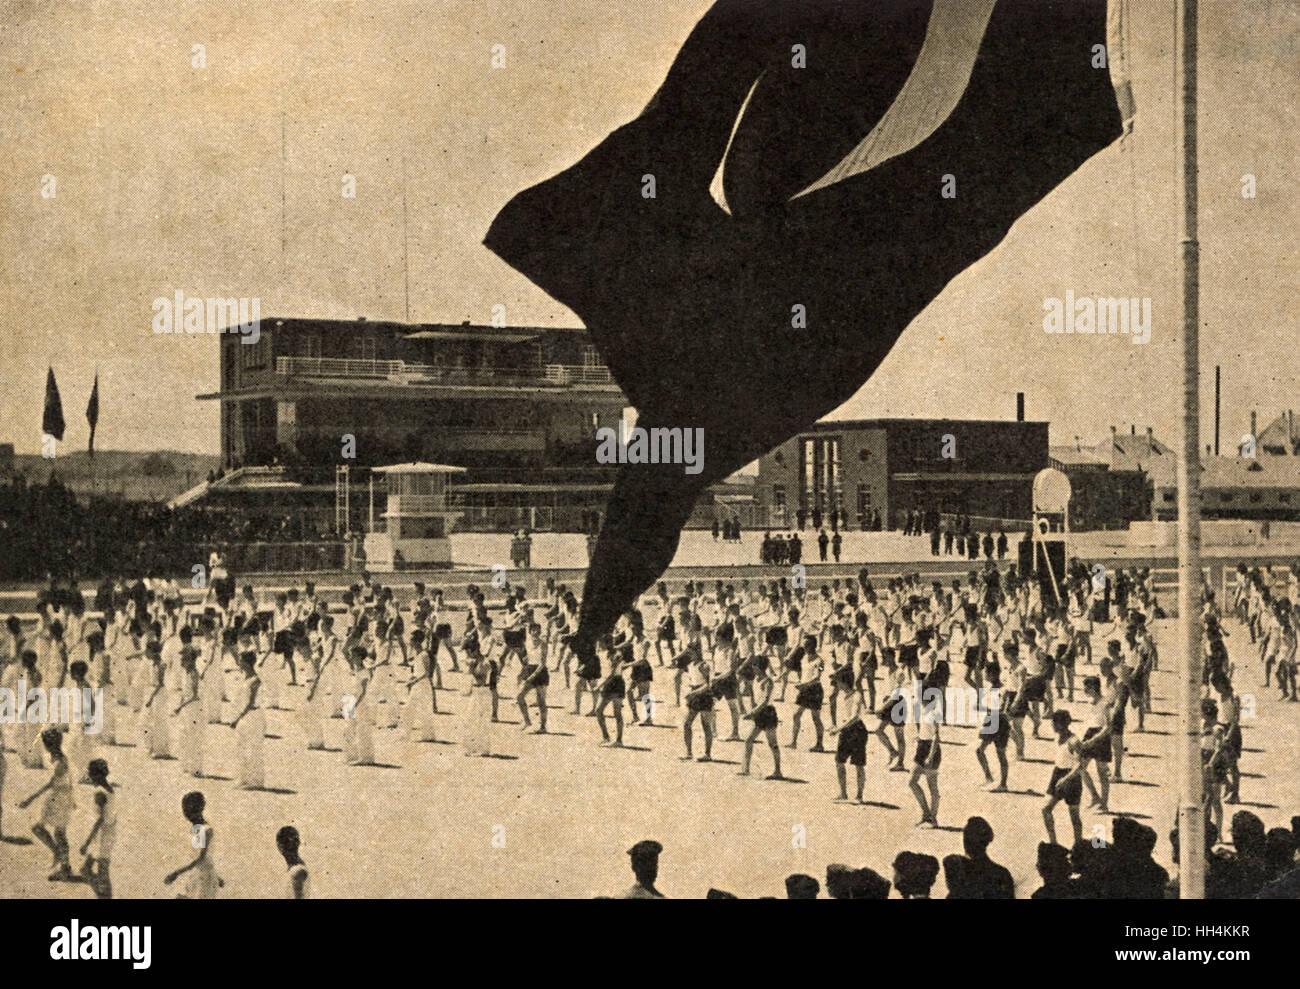 Démonstration de gymnastique dans le stade, à Ankara en Turquie. Photo Stock